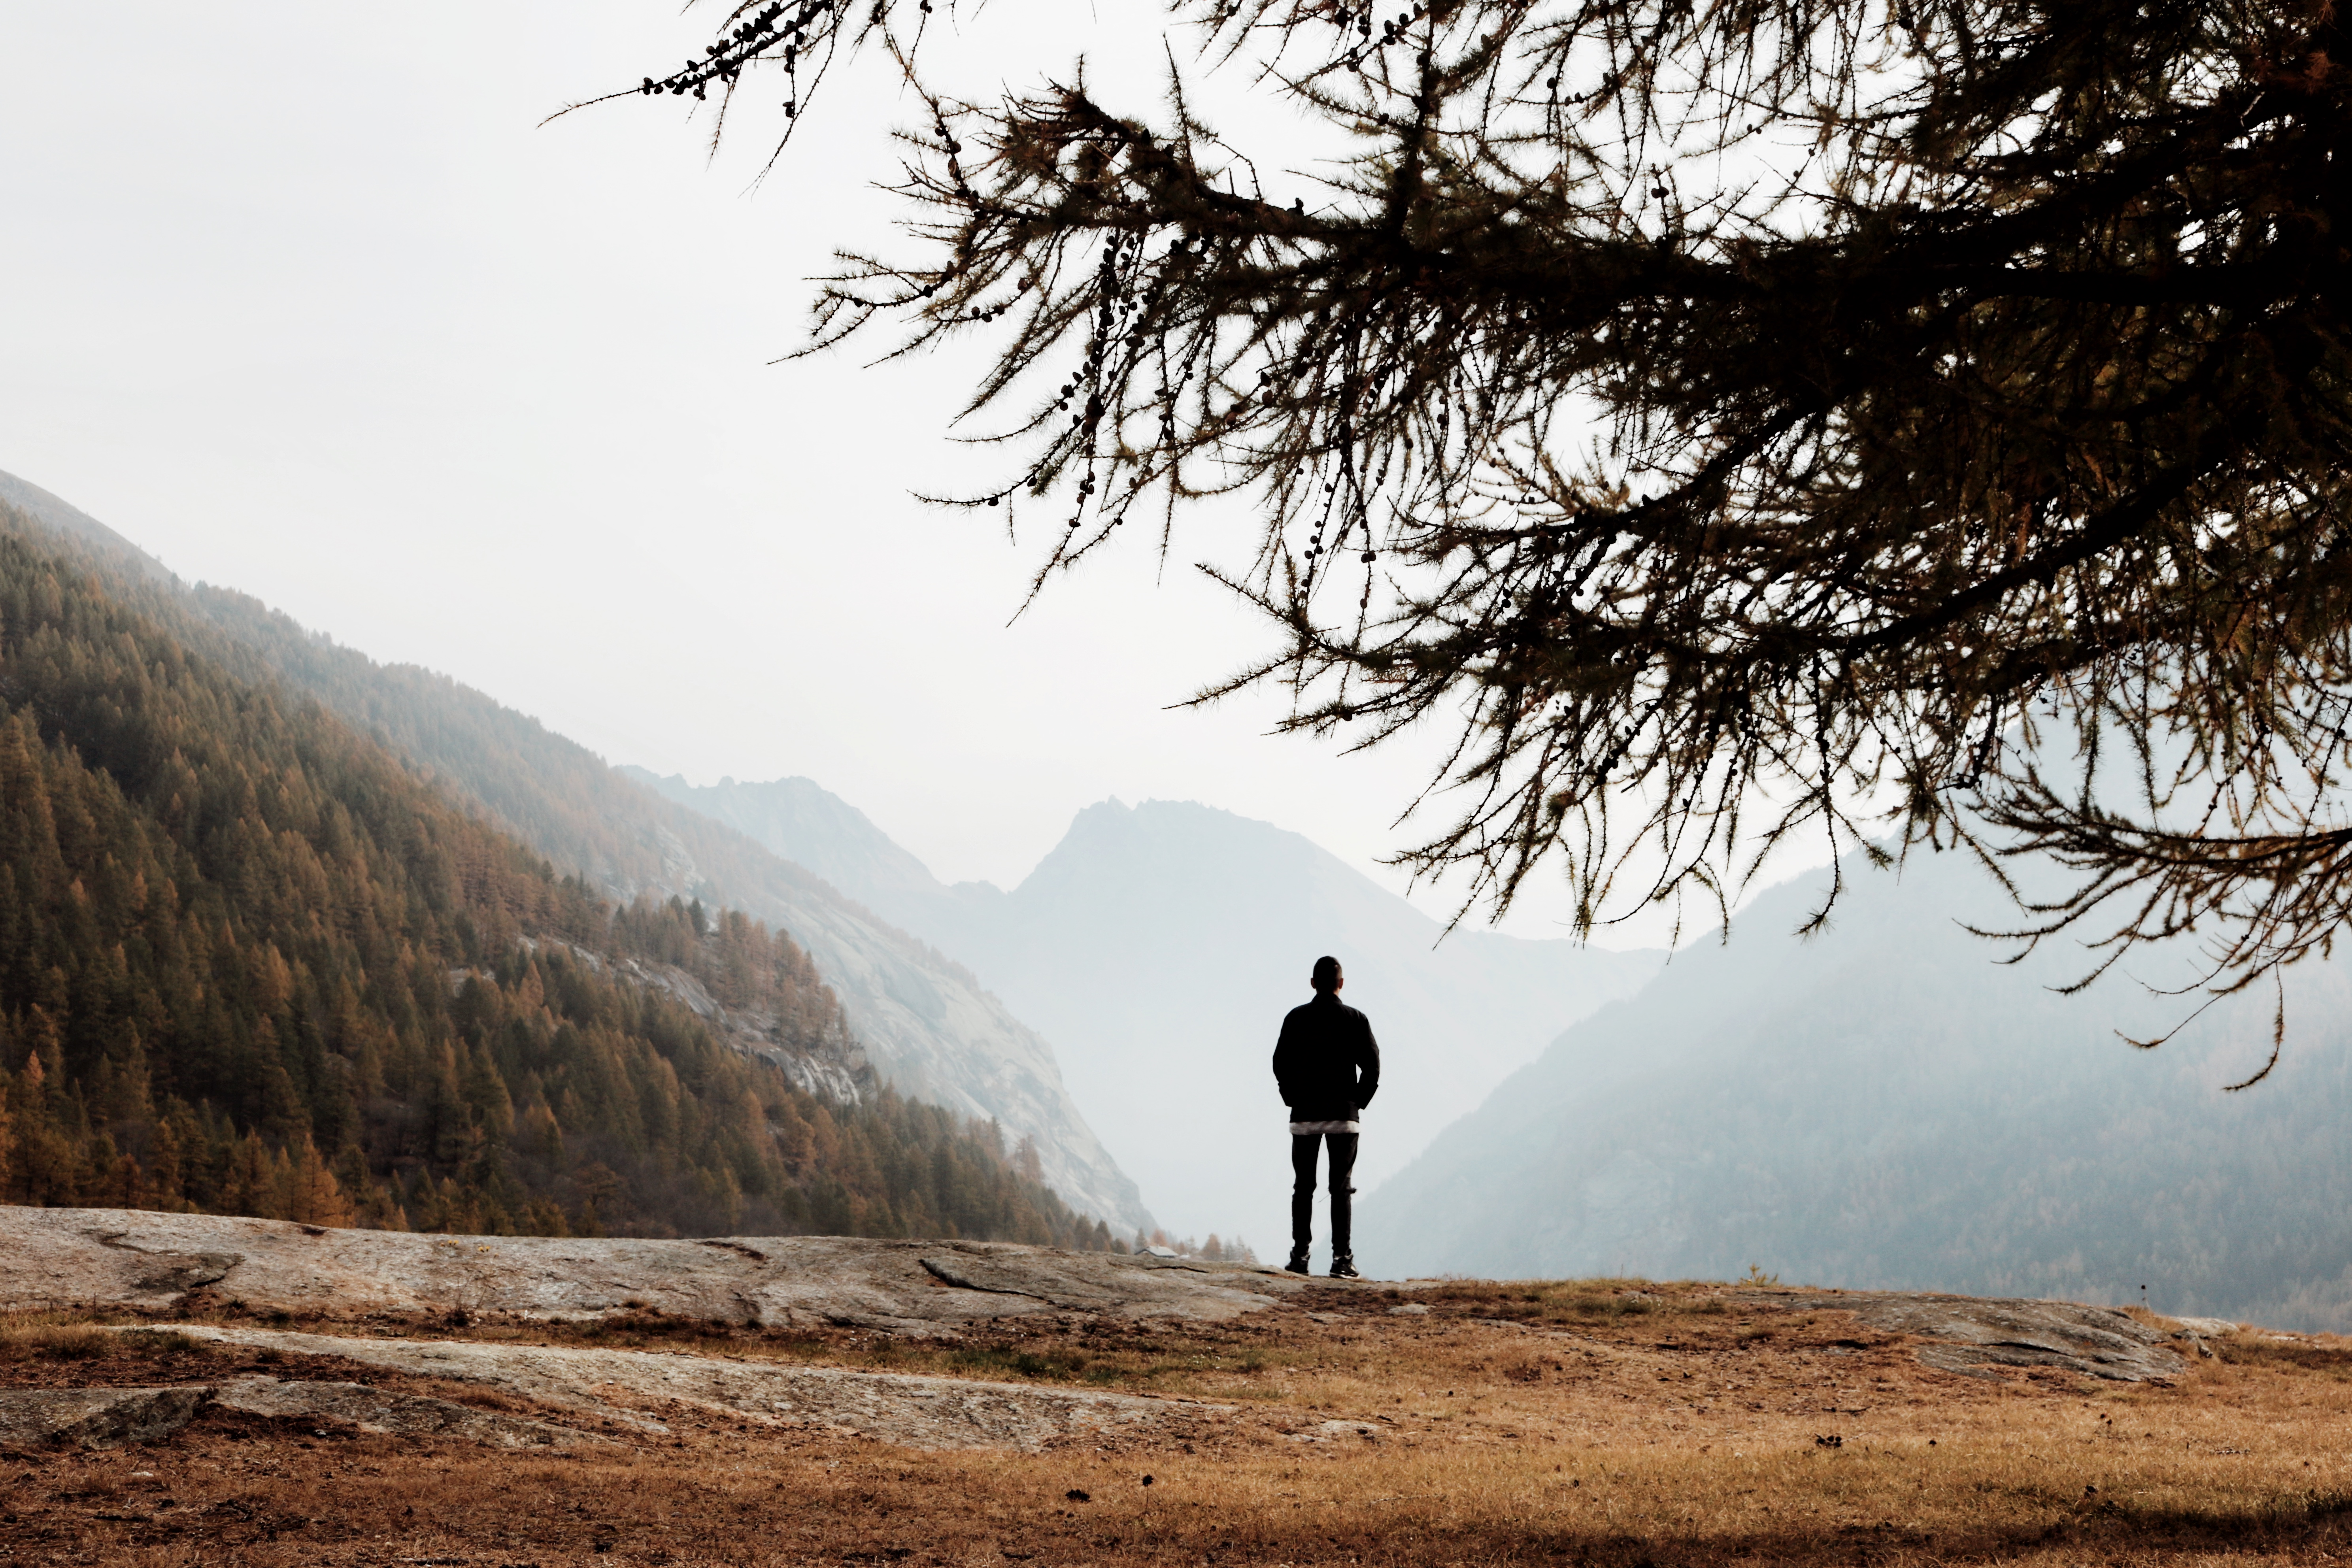 LandOutriders – Un weekend ai piedi del Parco Nazionale del Gran Paradiso con Alessio Rivolta e Francesca Garavaglia | Collater.al 2